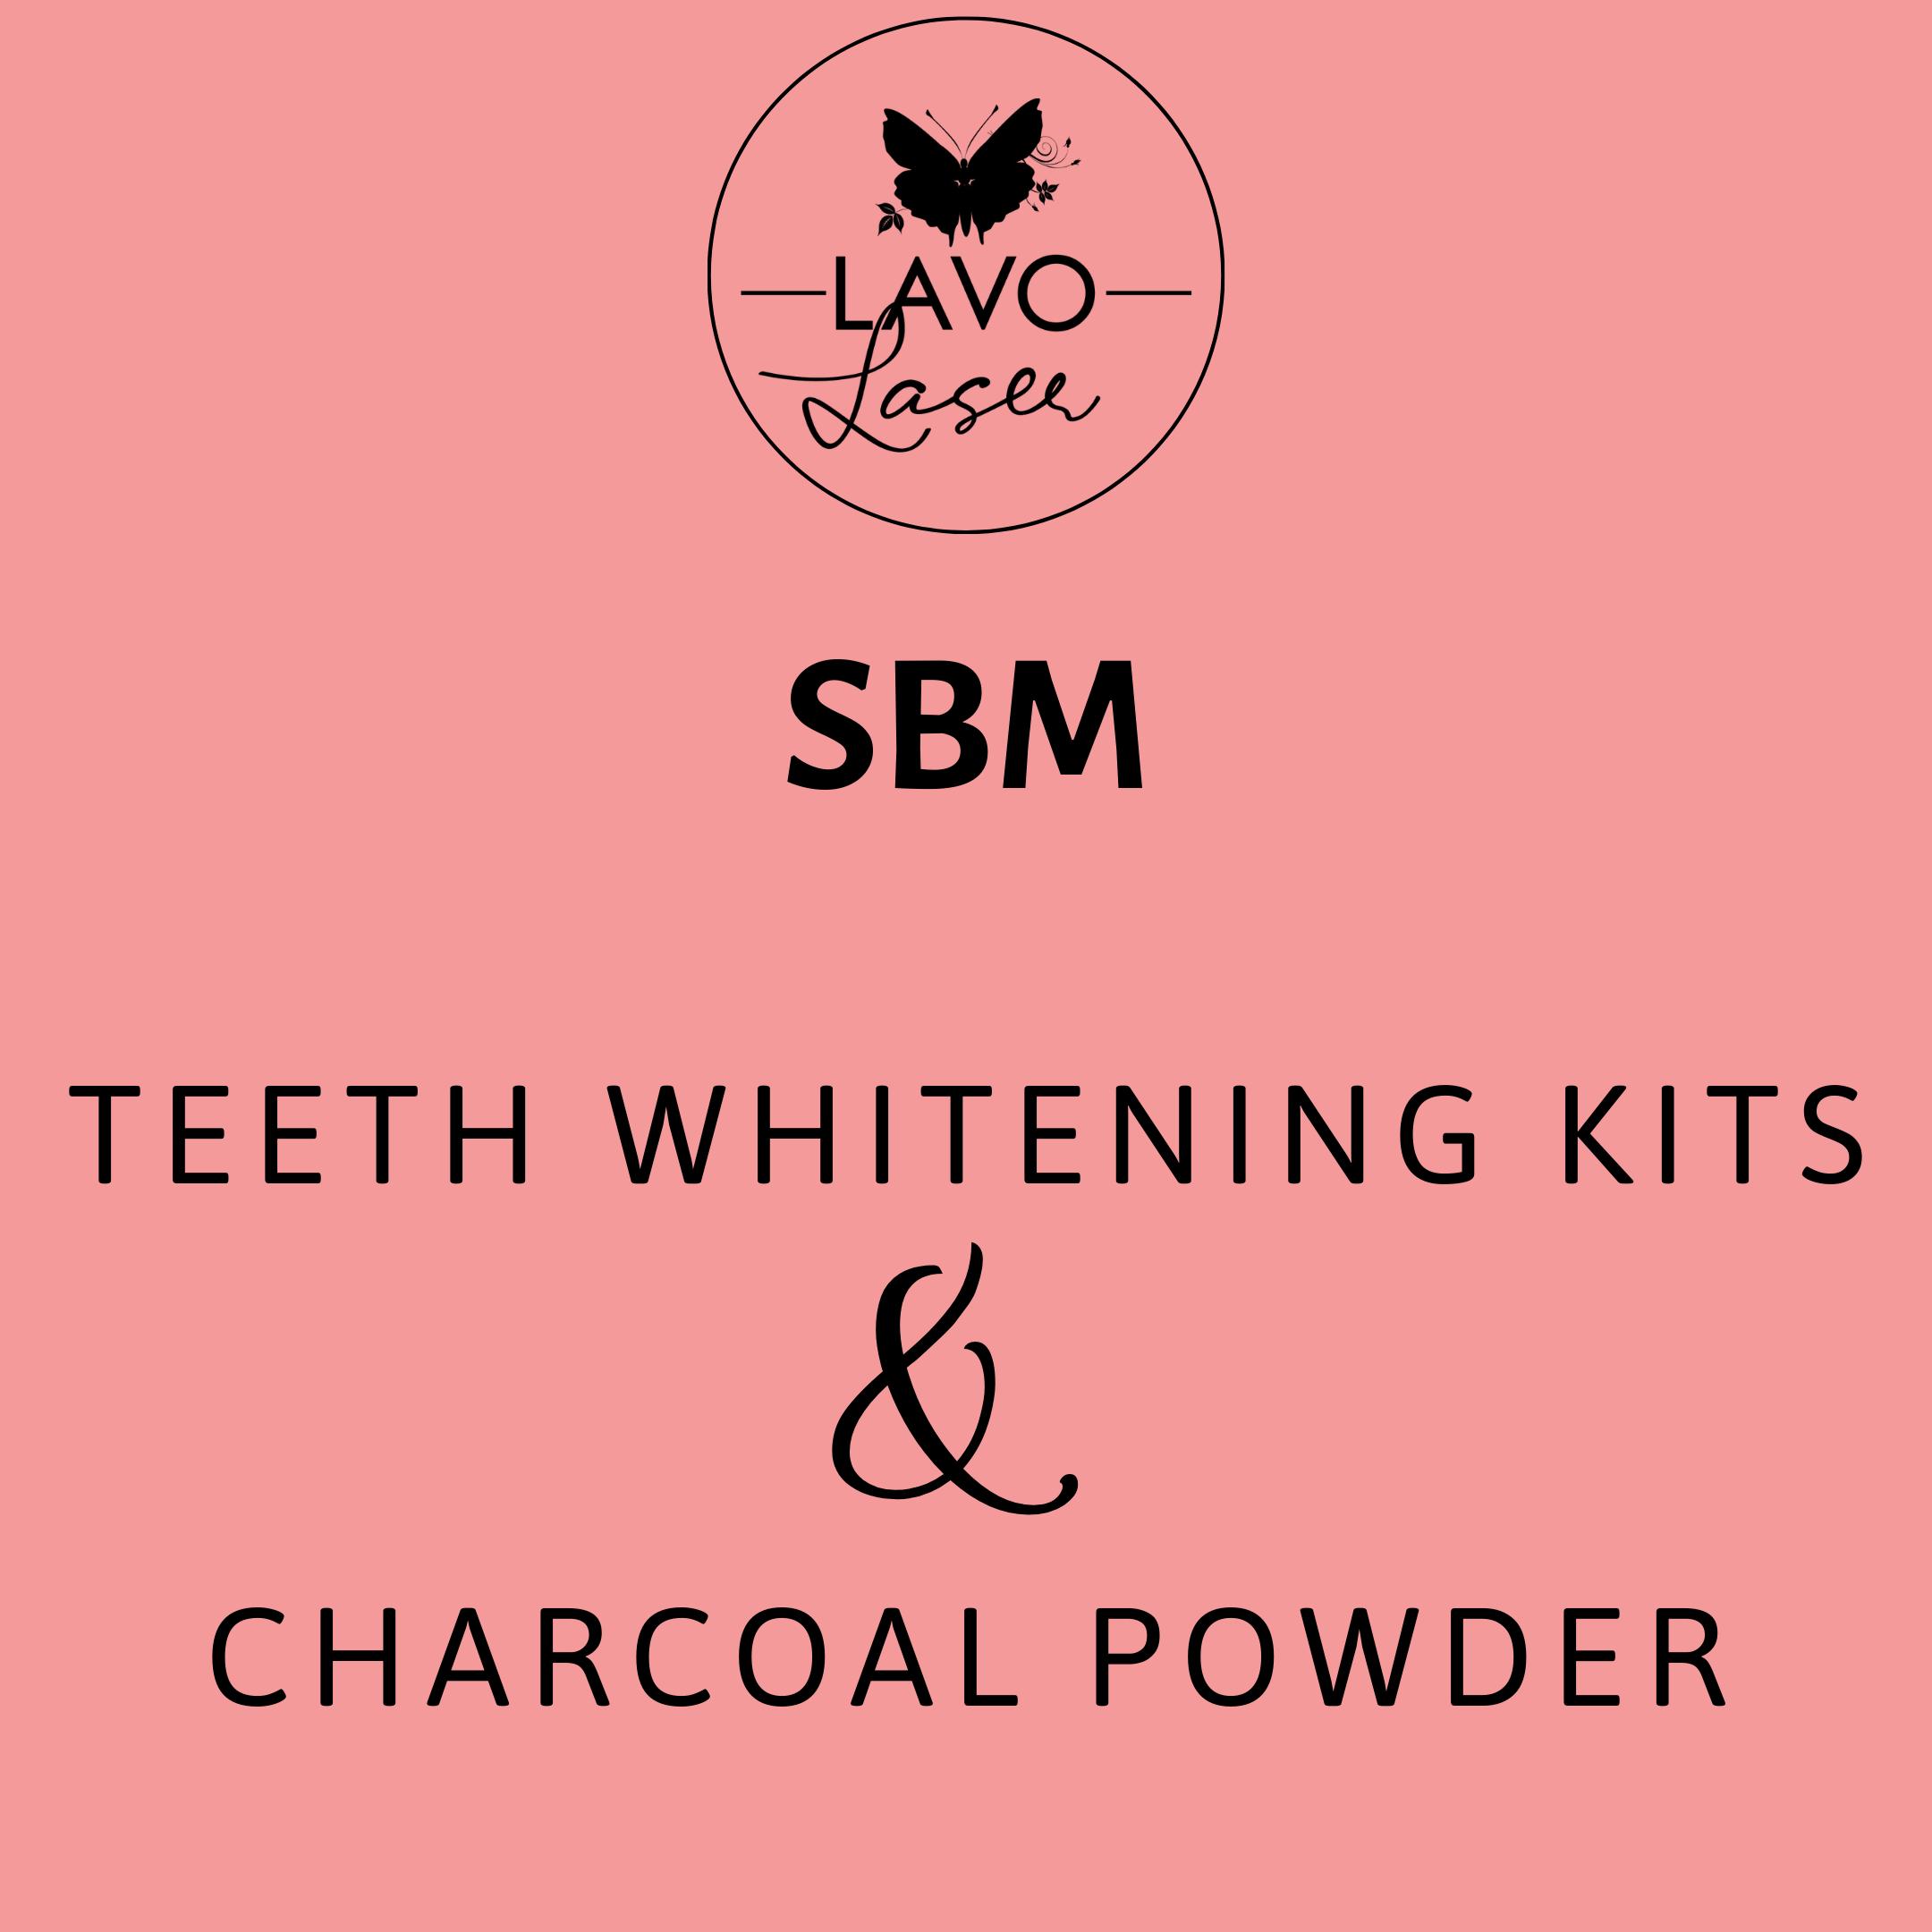 SBM Teeth